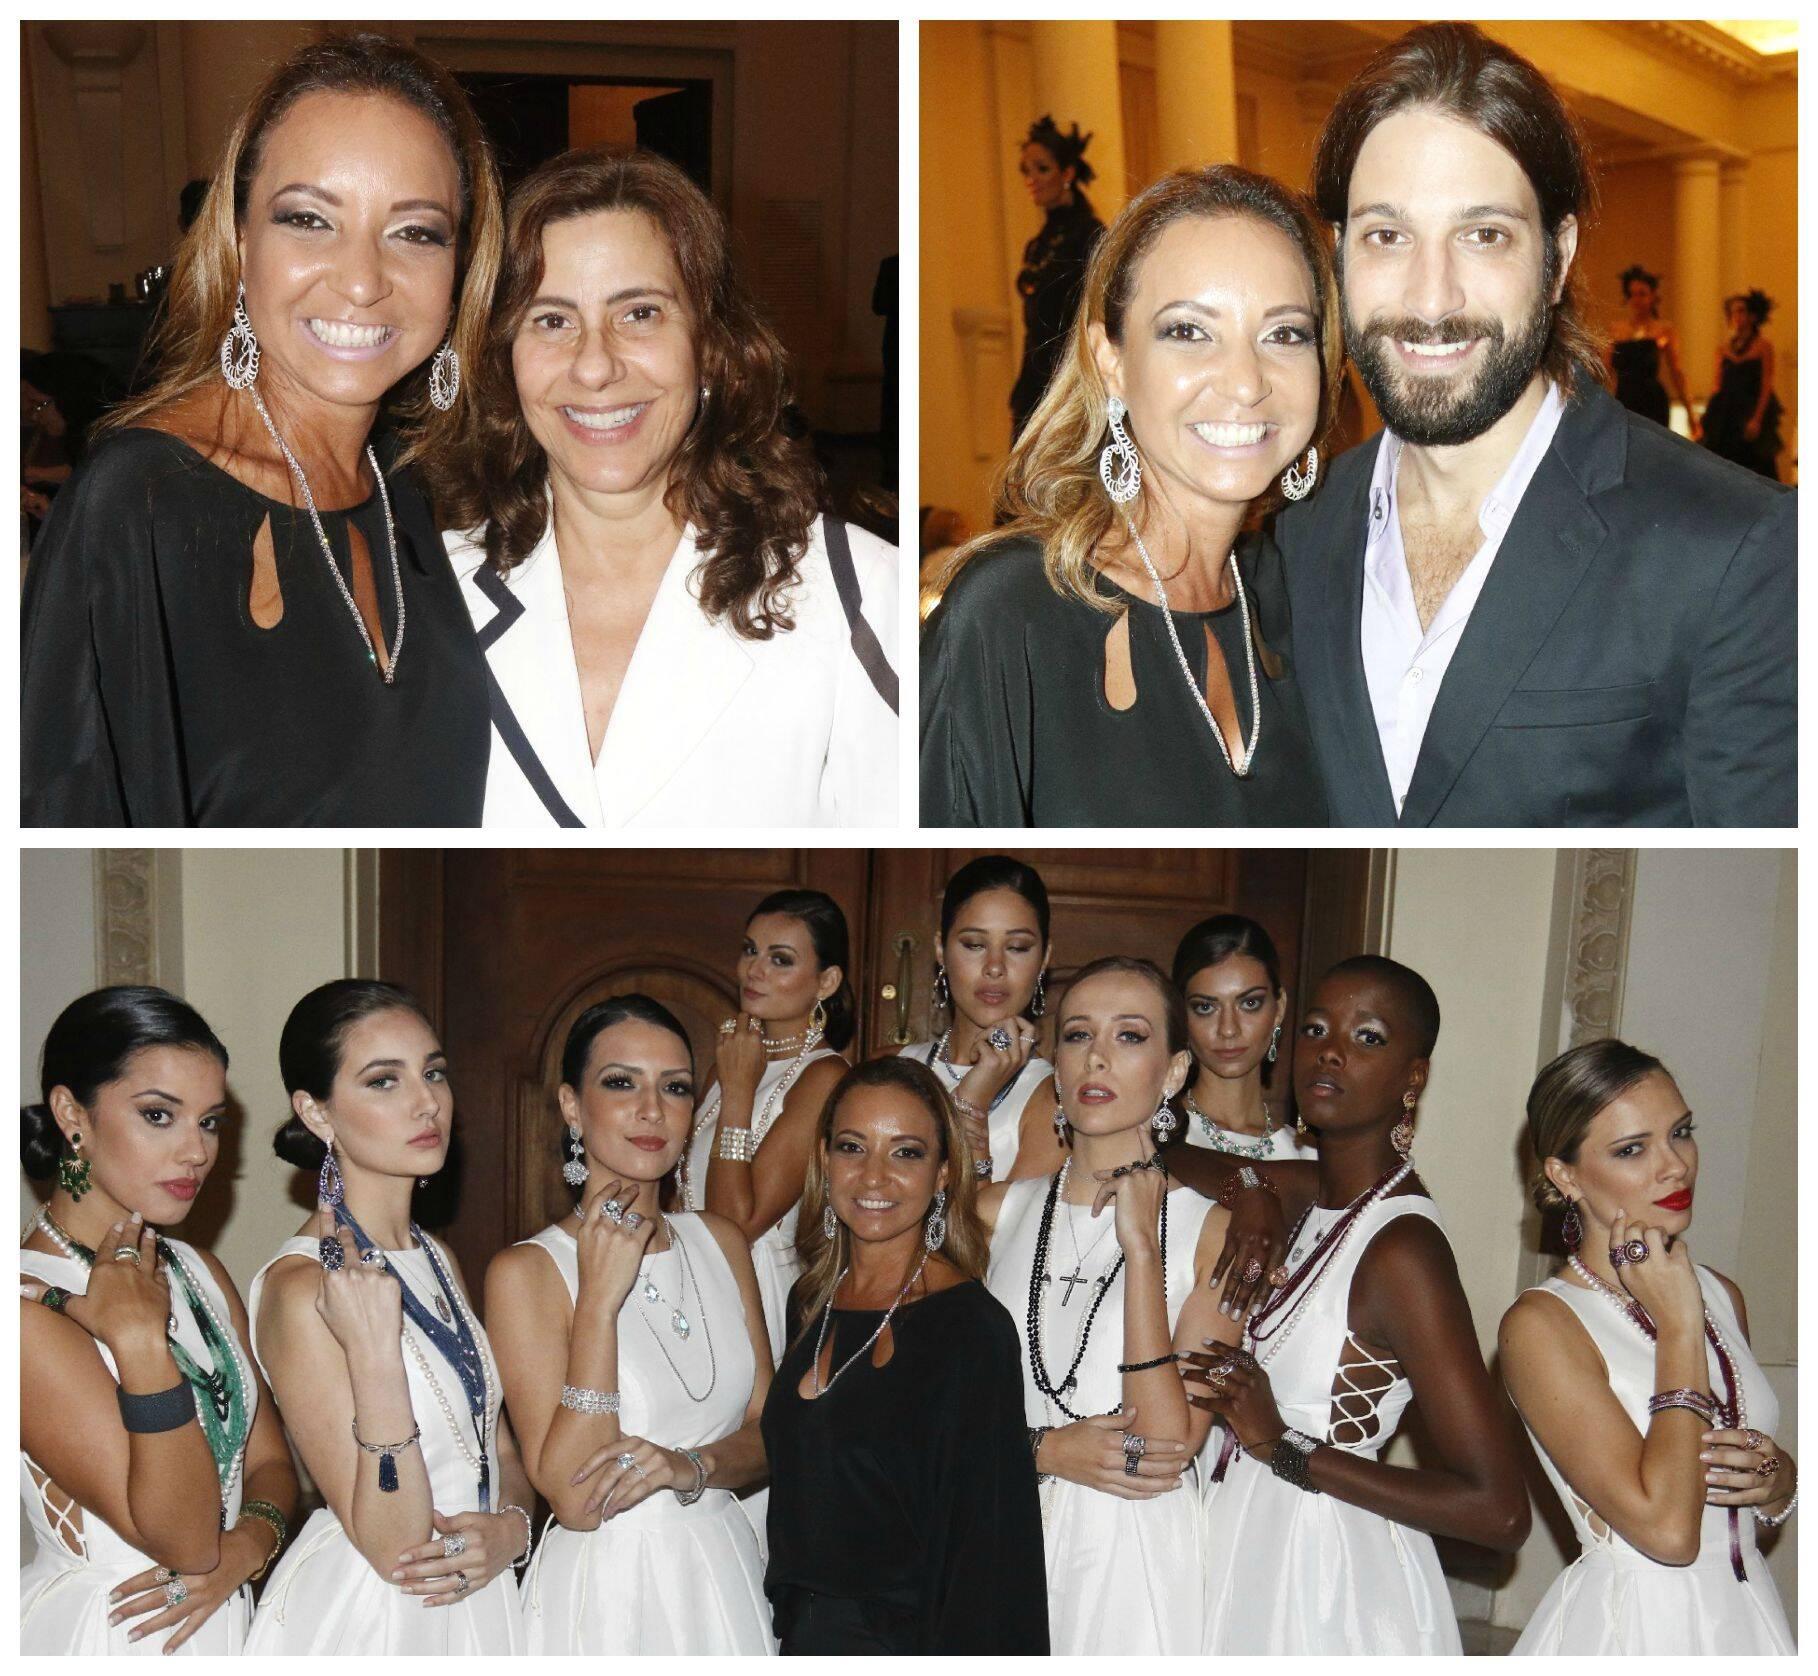 Adriana Mota e Alice Tamborindeguy; Adriana Mota e Marco Antonio Gimenez; Adriana Mota com as modelos / Fotos: divulgação